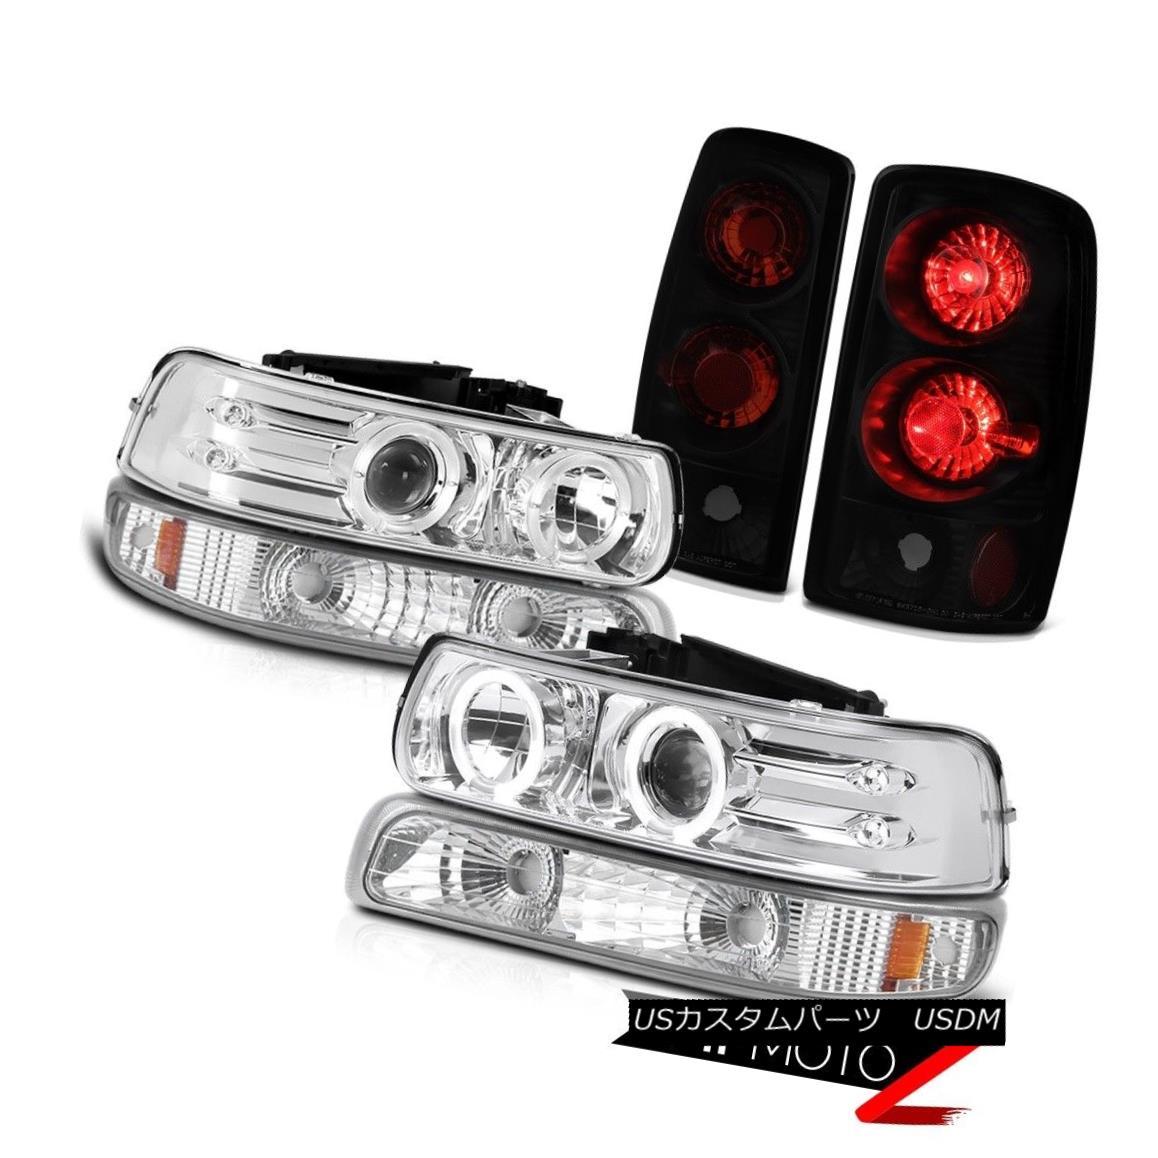 ヘッドライト Chrome LED Headlights Euro Bumper Sinister Black Brake Lights 2000-2006 Tahoe LT クロームLEDヘッドライトユーロバンパー灰色のブラックブレーキライト2000-2006タホLT